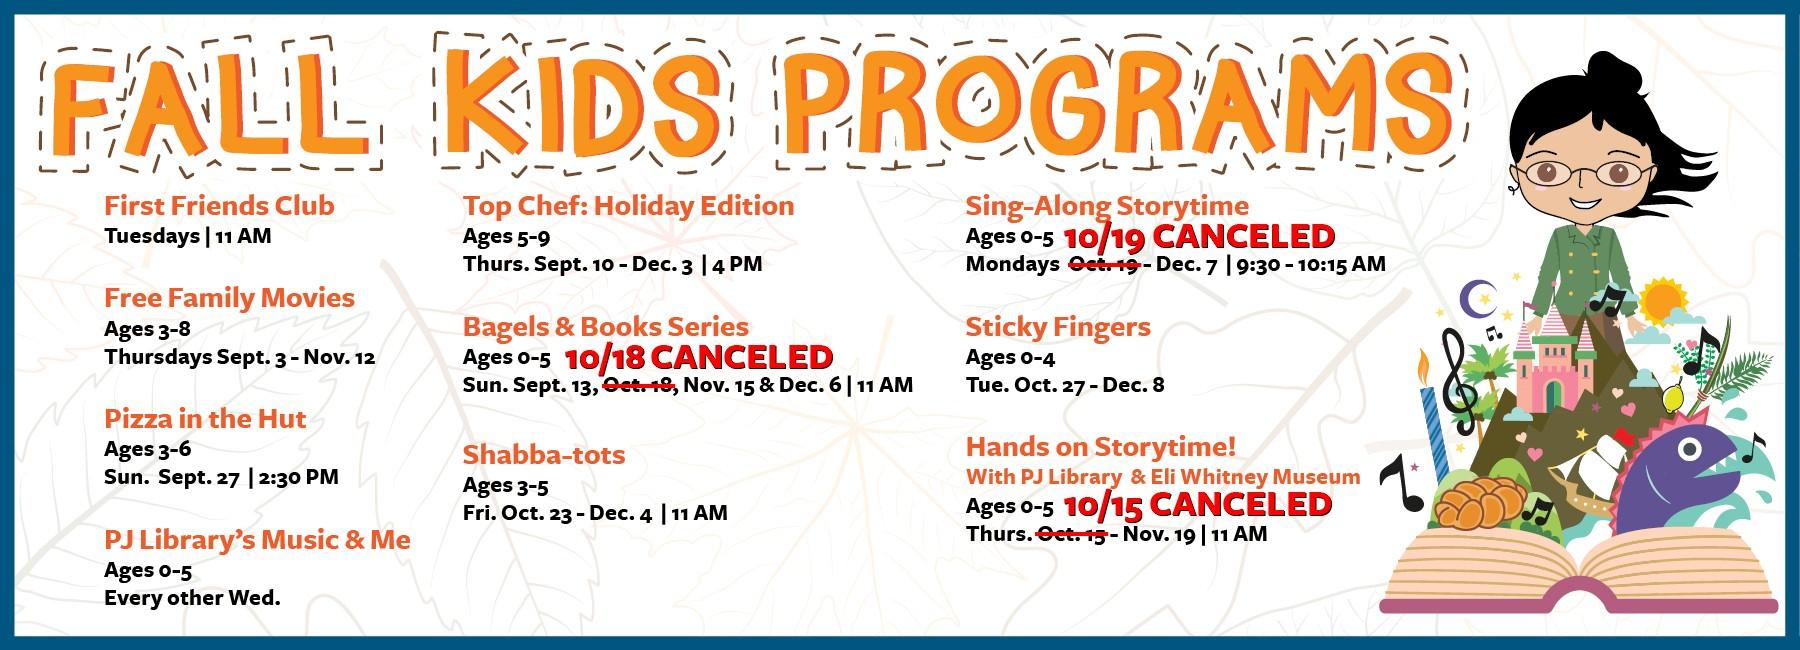 2260_Fall Kids Programs_webslide_091615